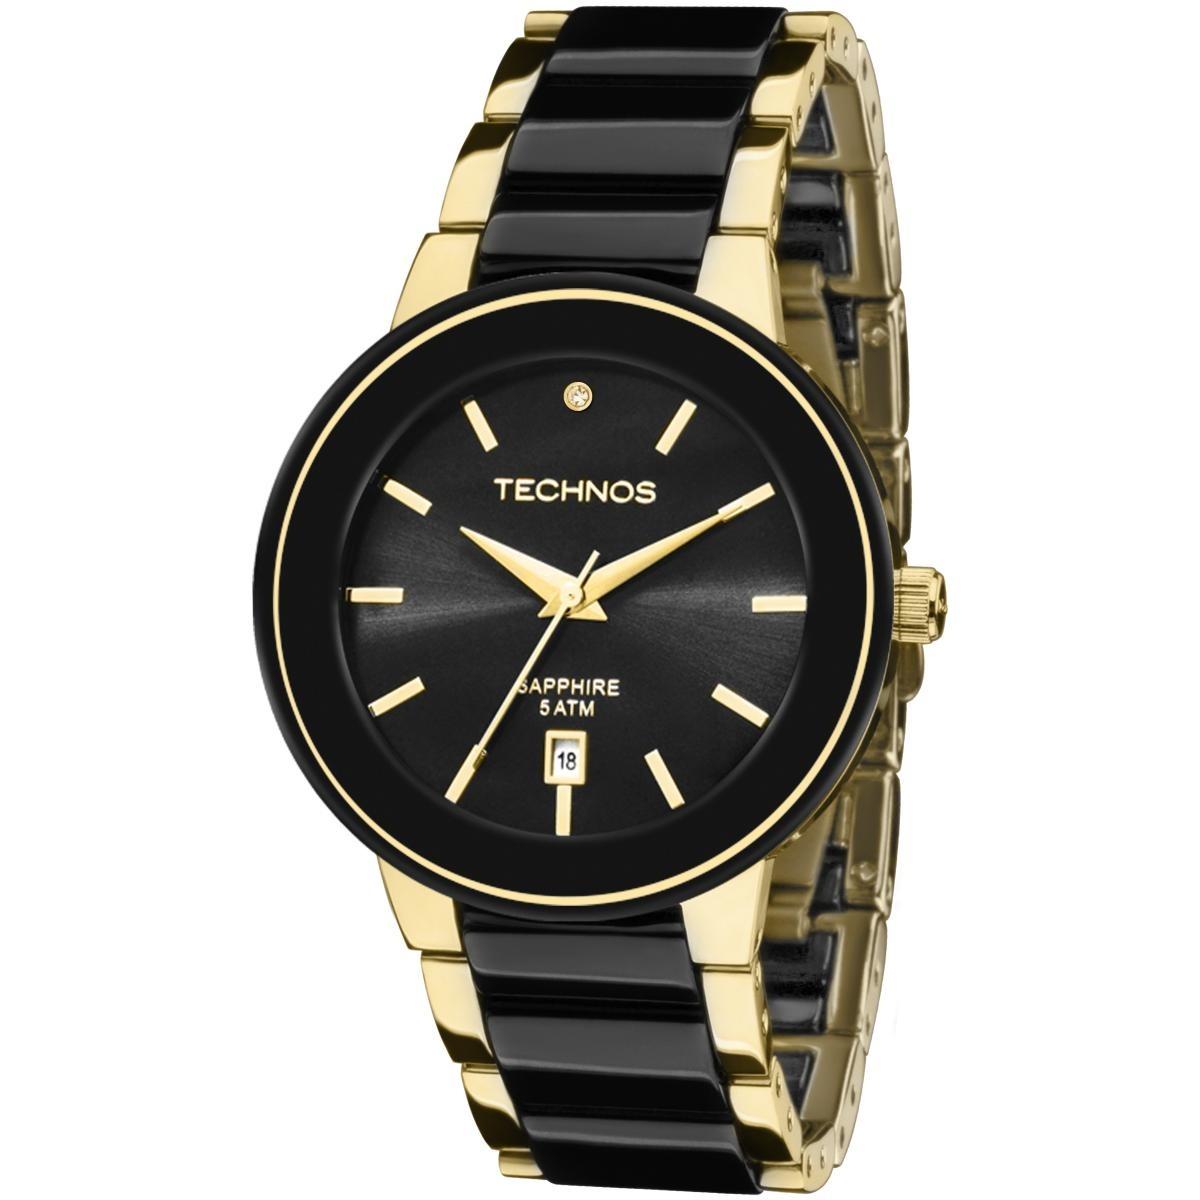 Relógio Feminino Technos Ceramic 2115krs 4p Dourado preto - R  542 ... 7d06a5cffc